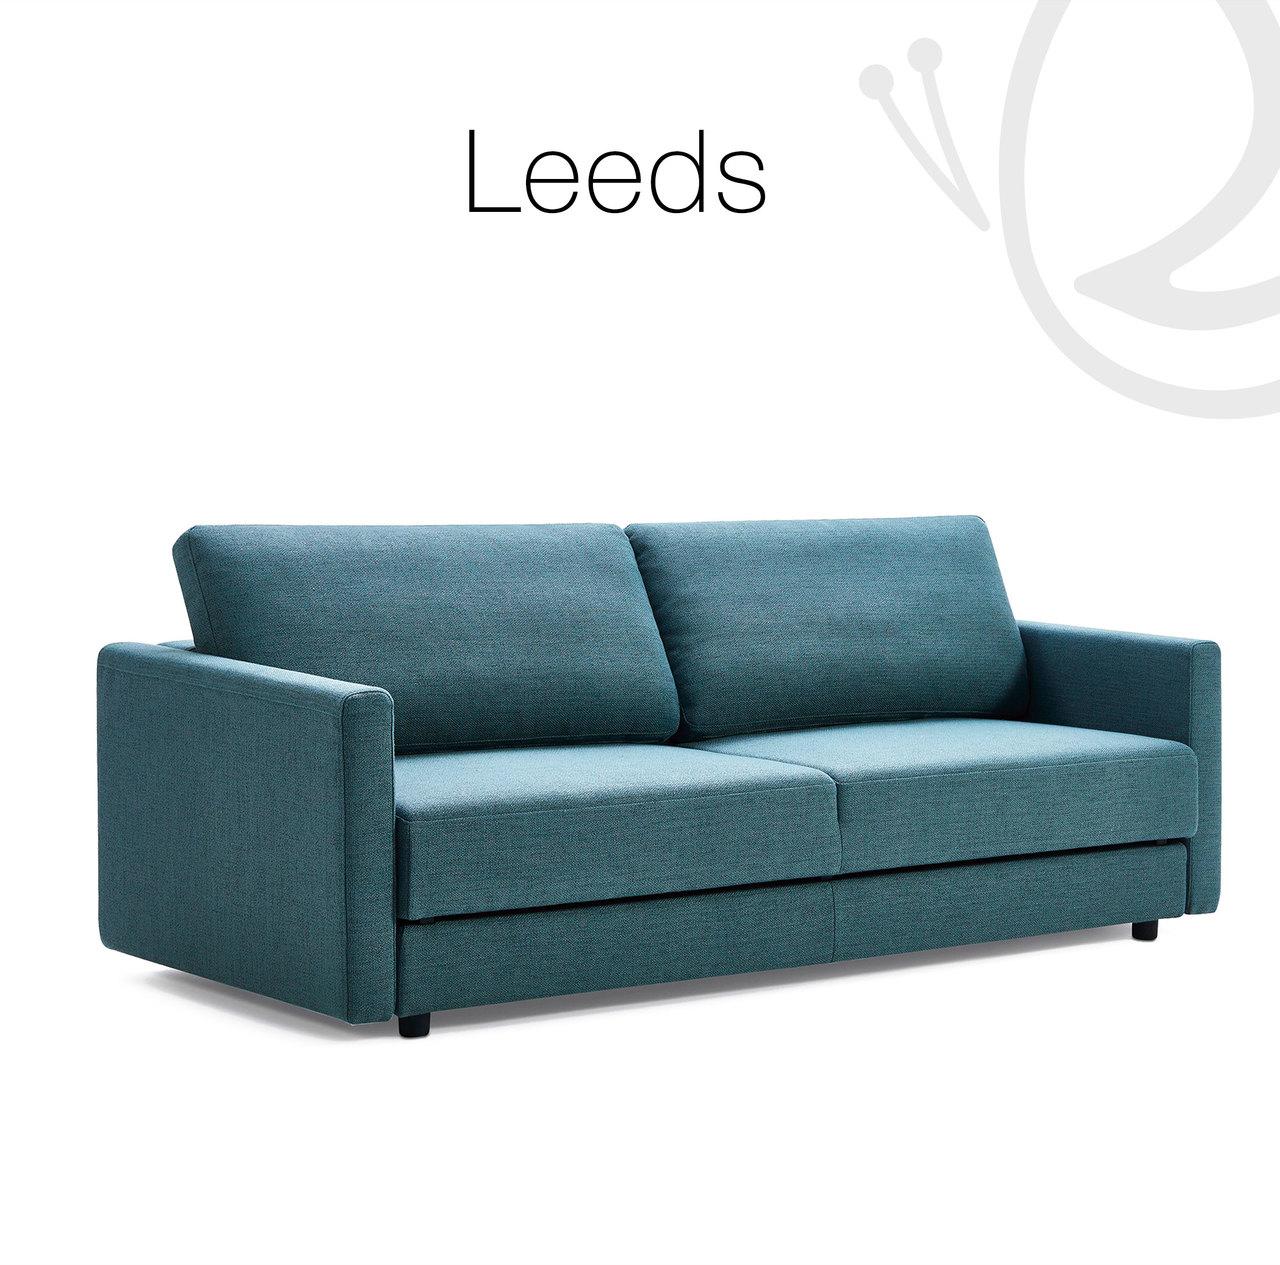 布沙發 Leeds 里茲沙發床 睡眠王國集團